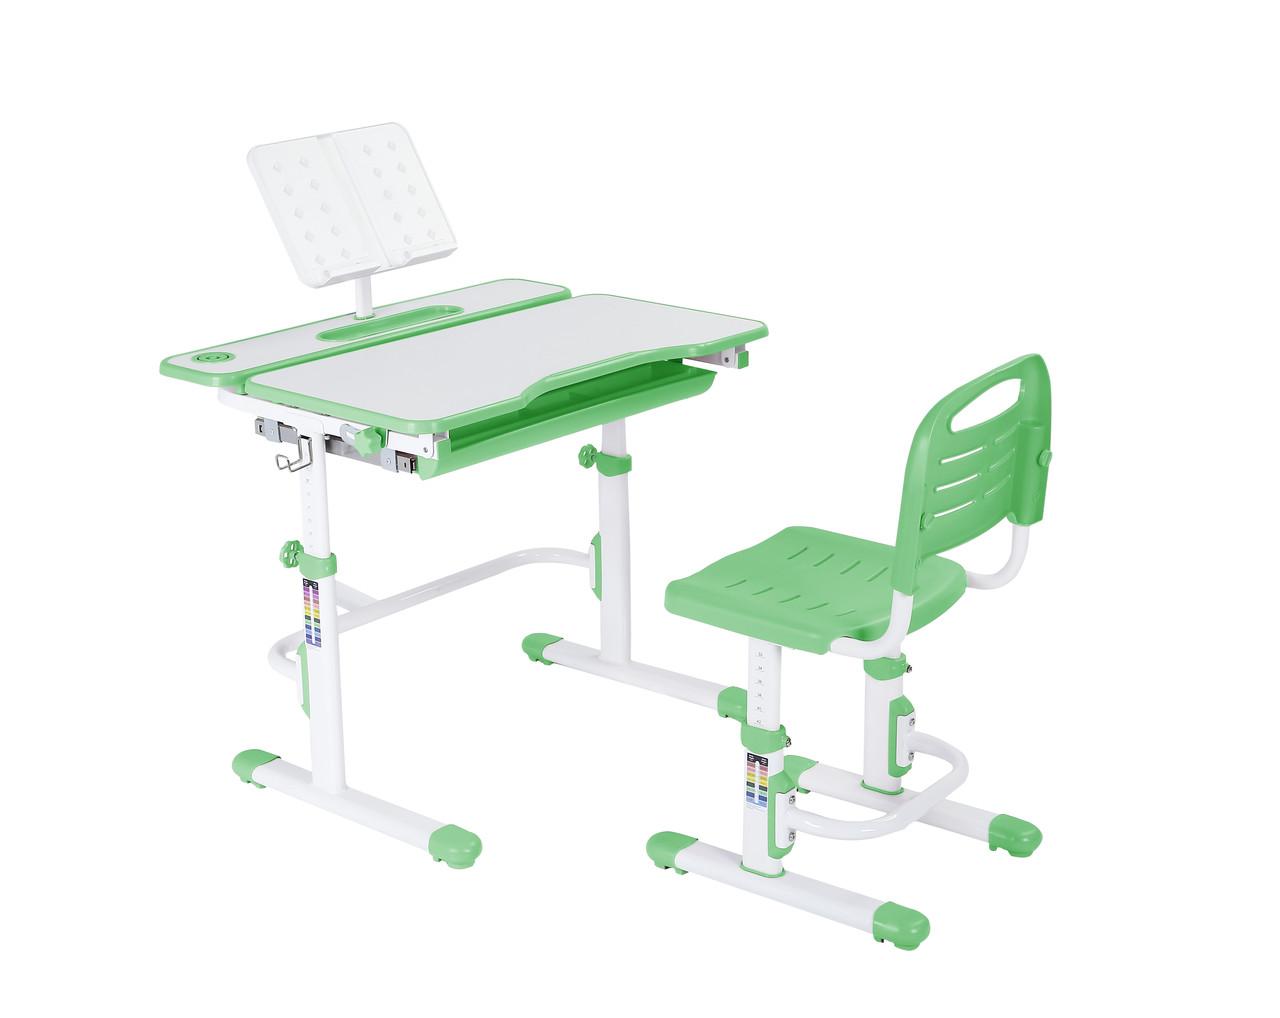 Эргономический комплект Cubby парта и стул-трансформеры Botero Green - ОПТОМ ДЛЯ ШКОЛ